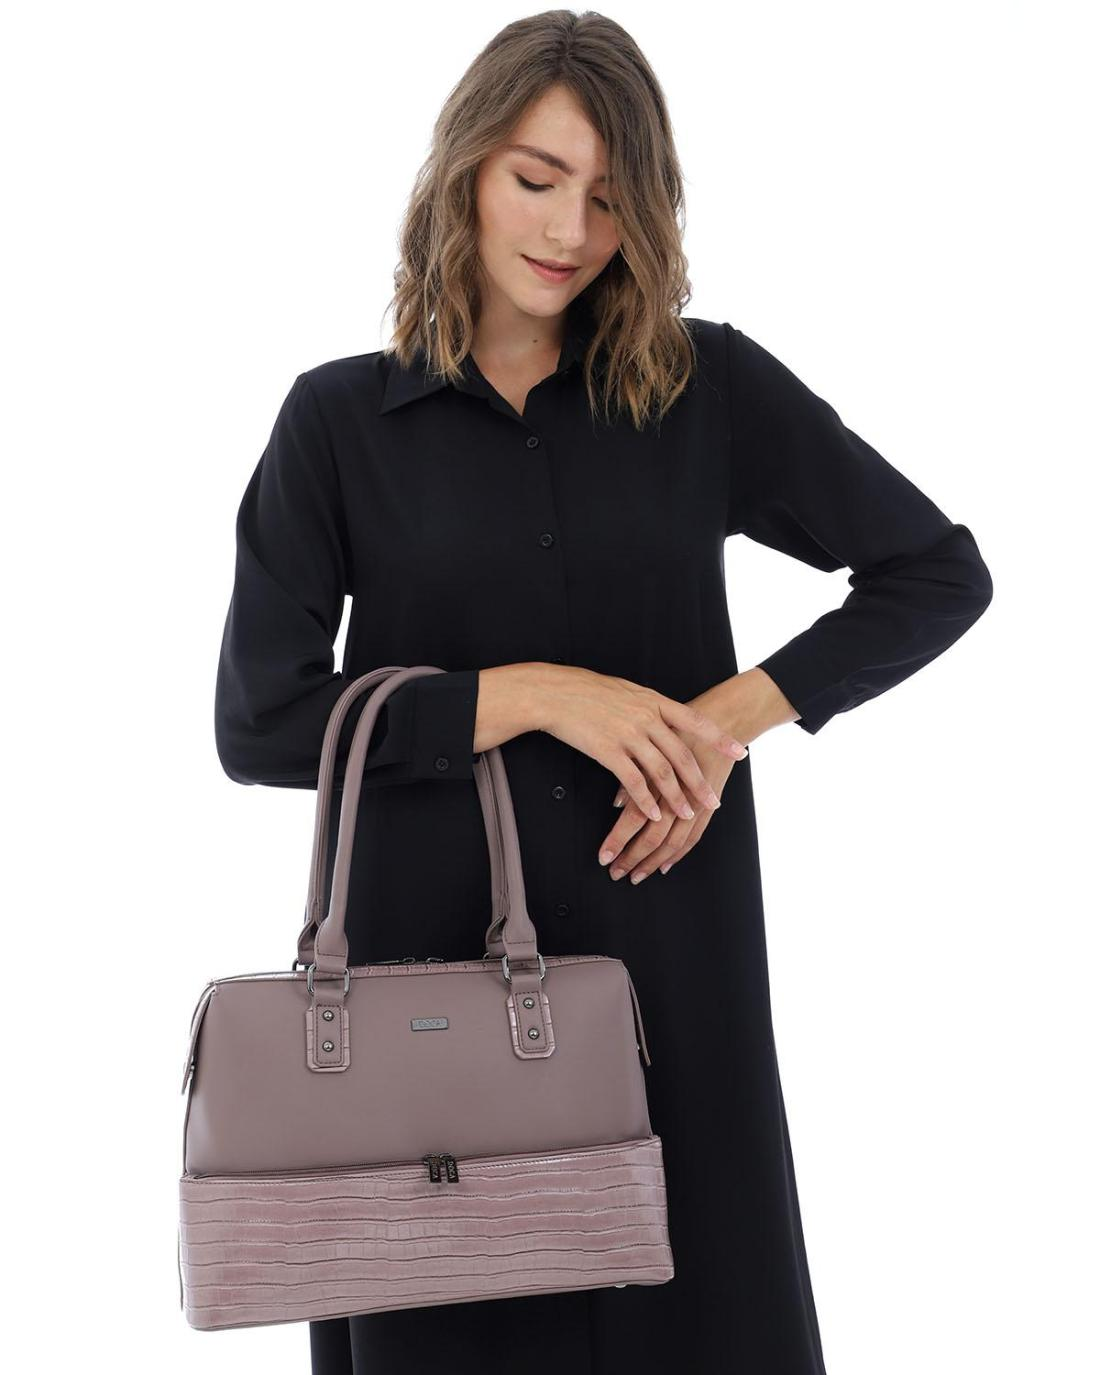 Καθημερινή τσάντα ροζ